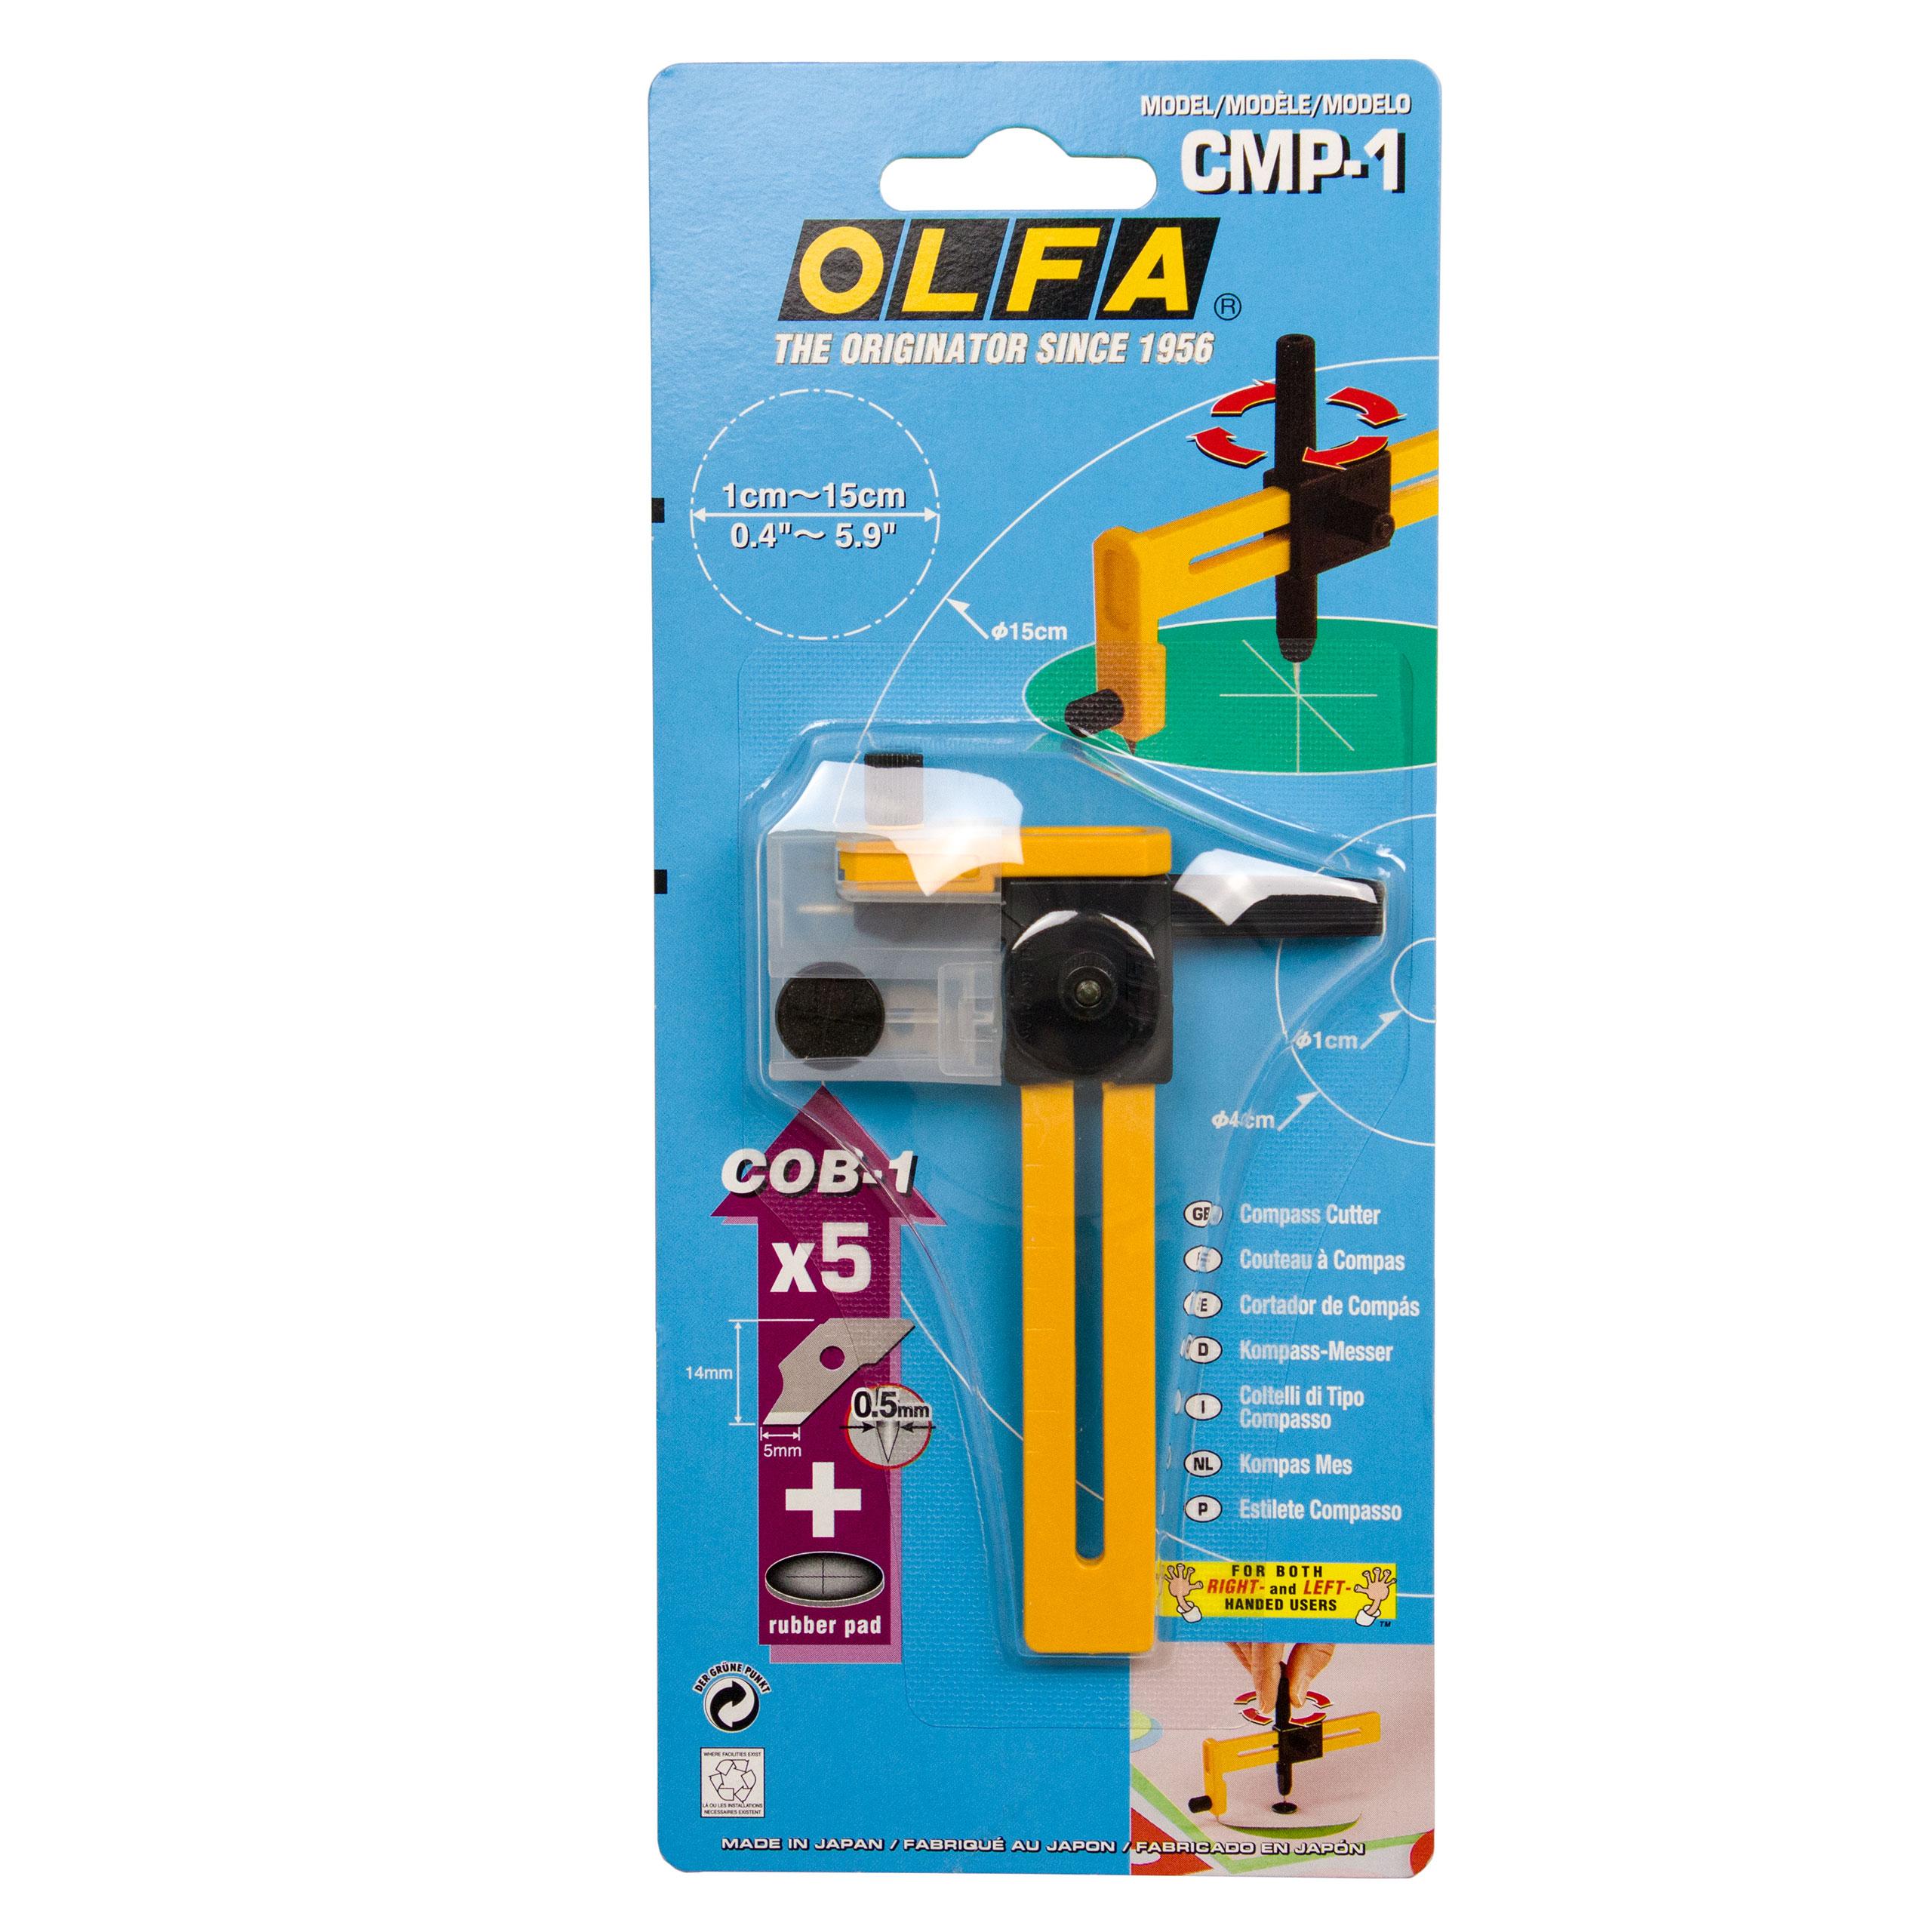 Kreisschneider Olfa CMP-1 Compass Cutter